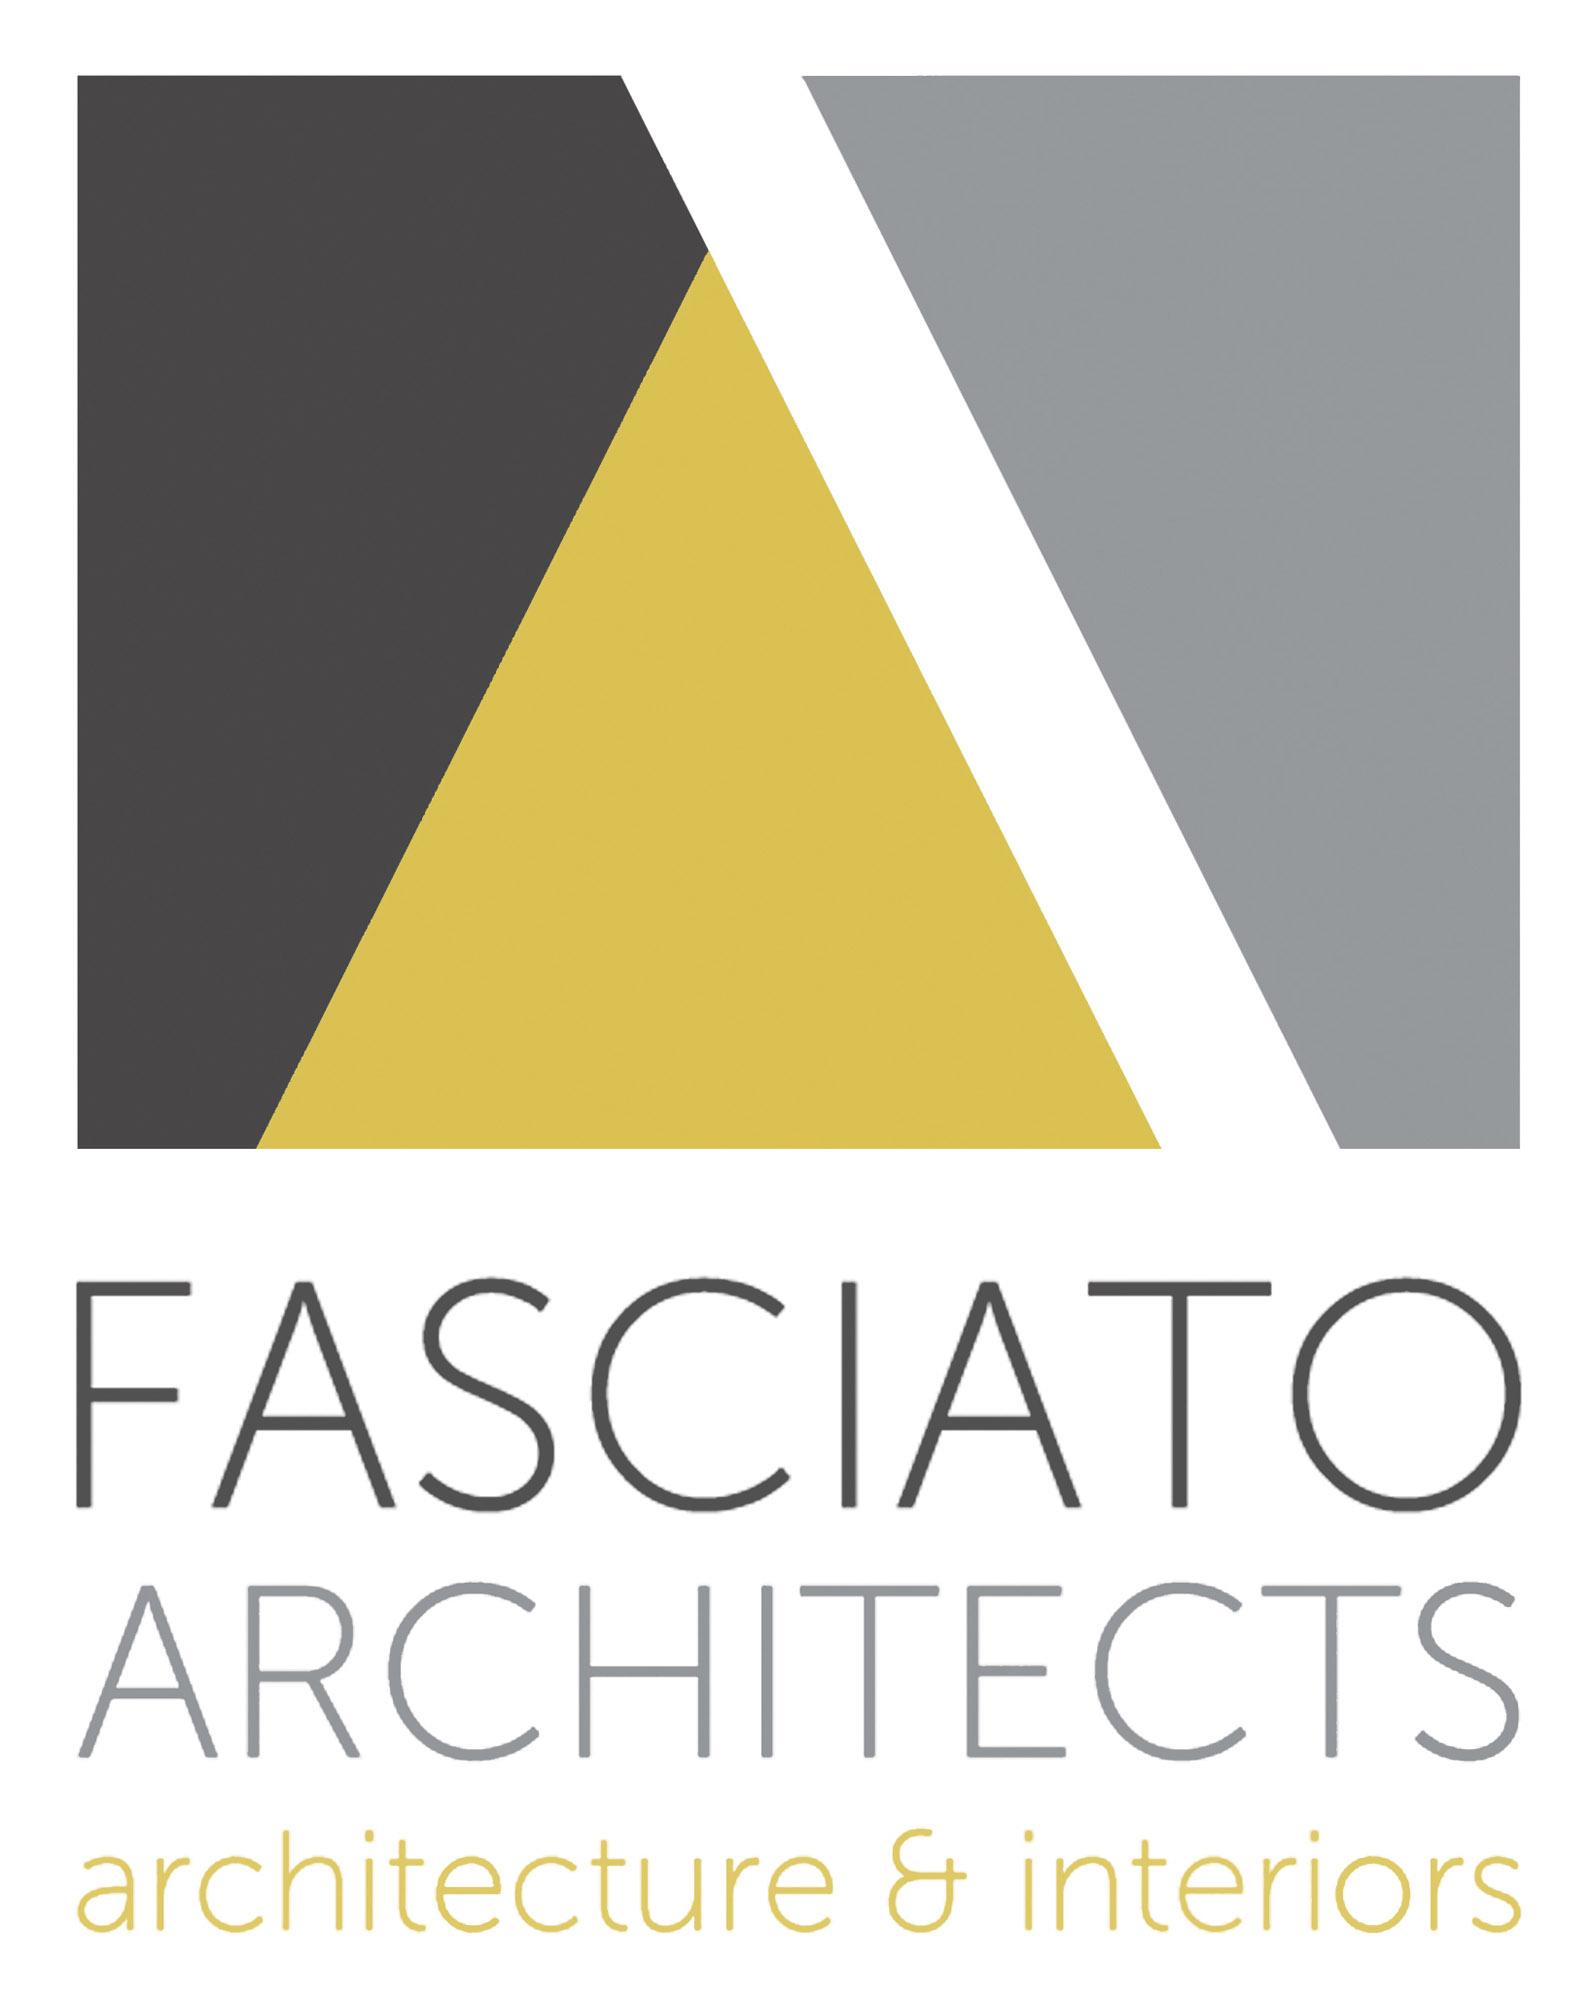 Fasciato Architects